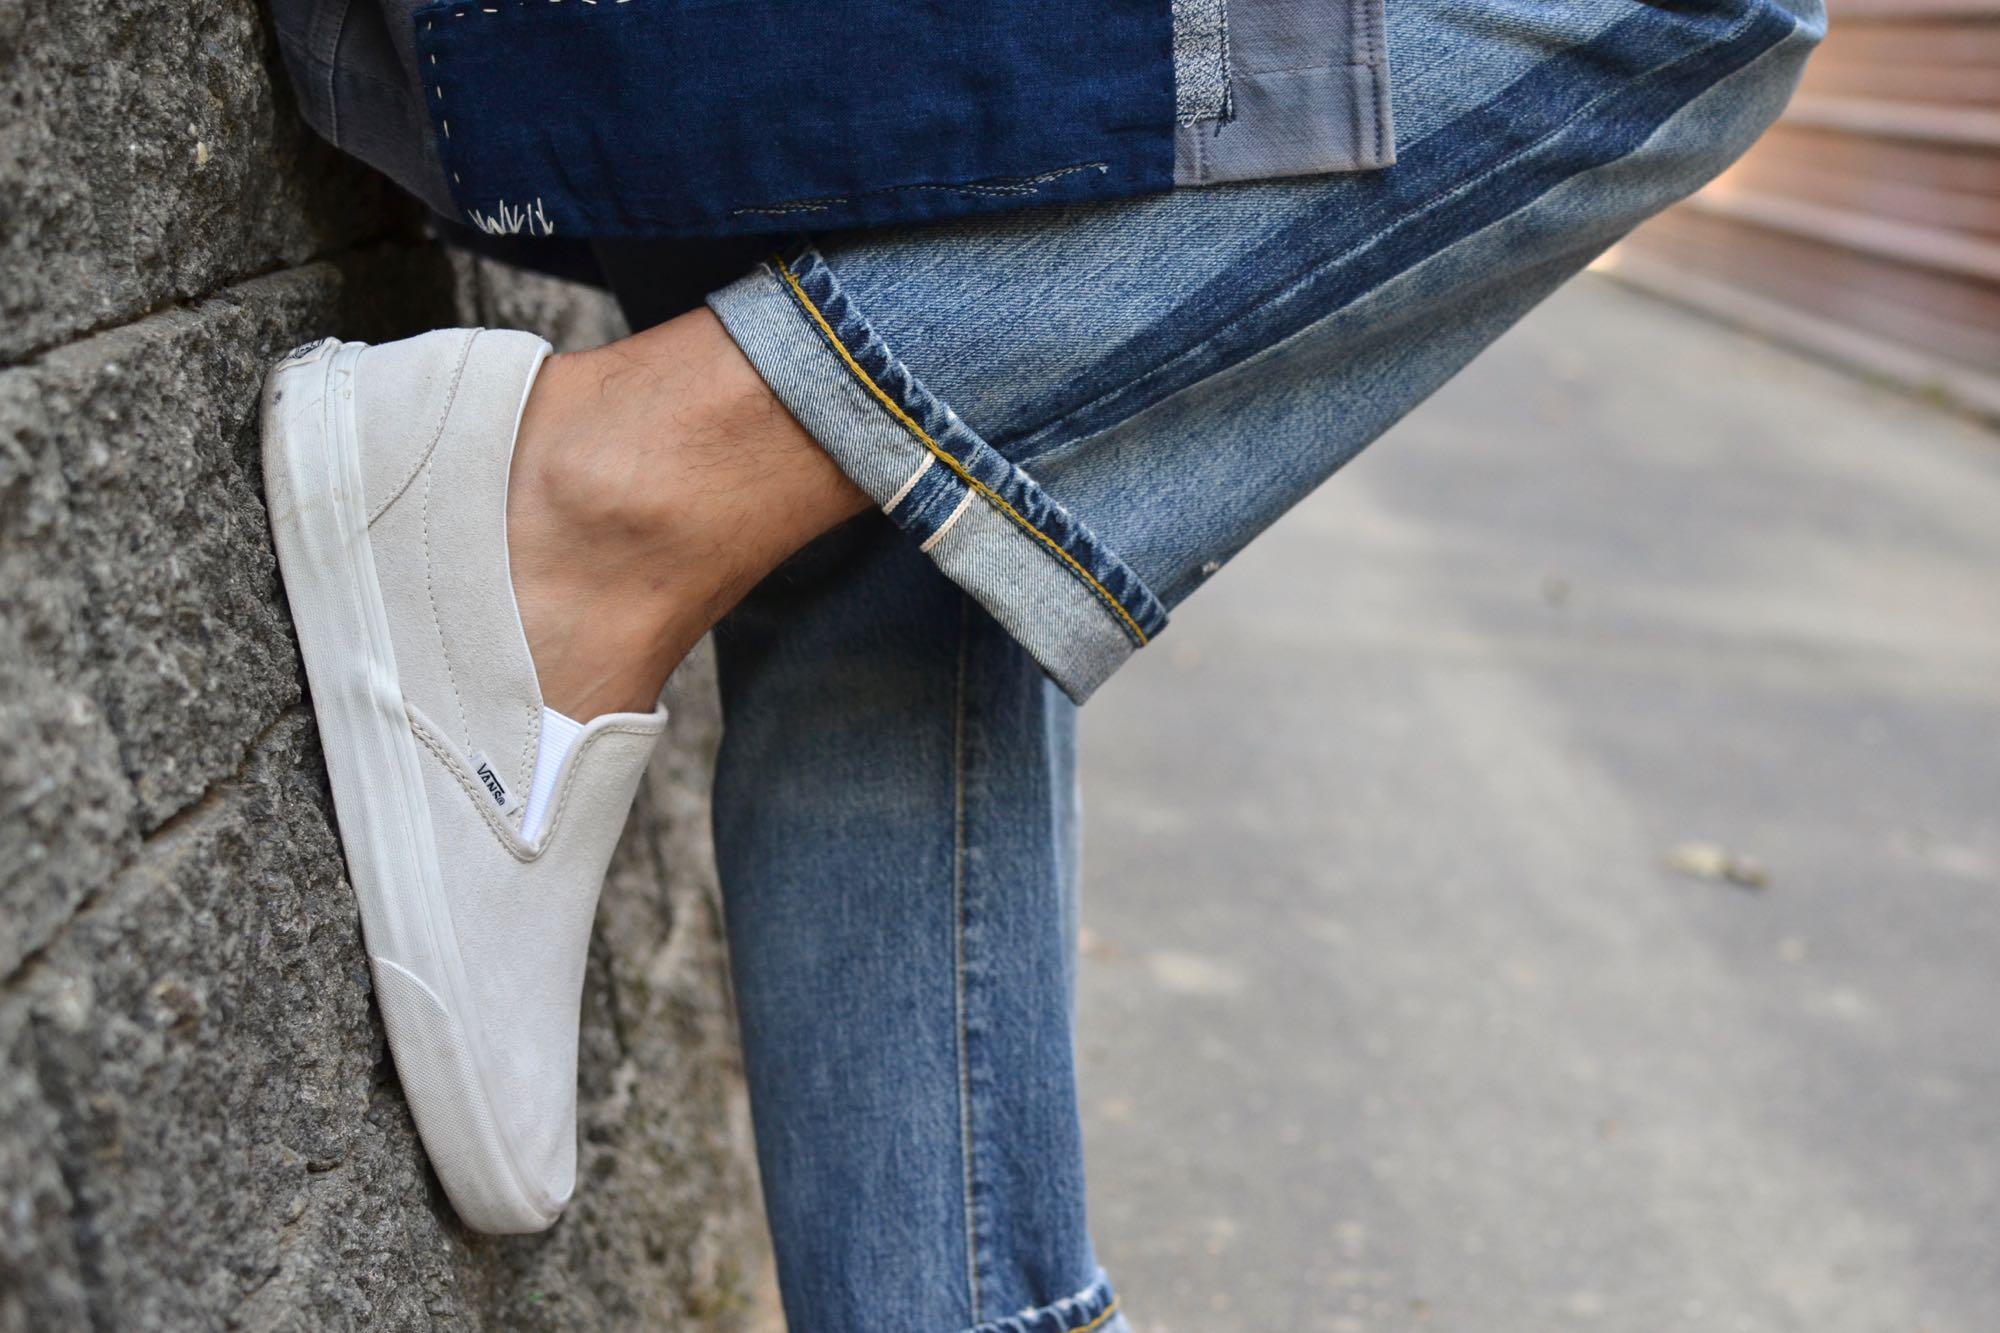 conseil homme comment porter des vans slip-on dans une tenue street heritage workwear style